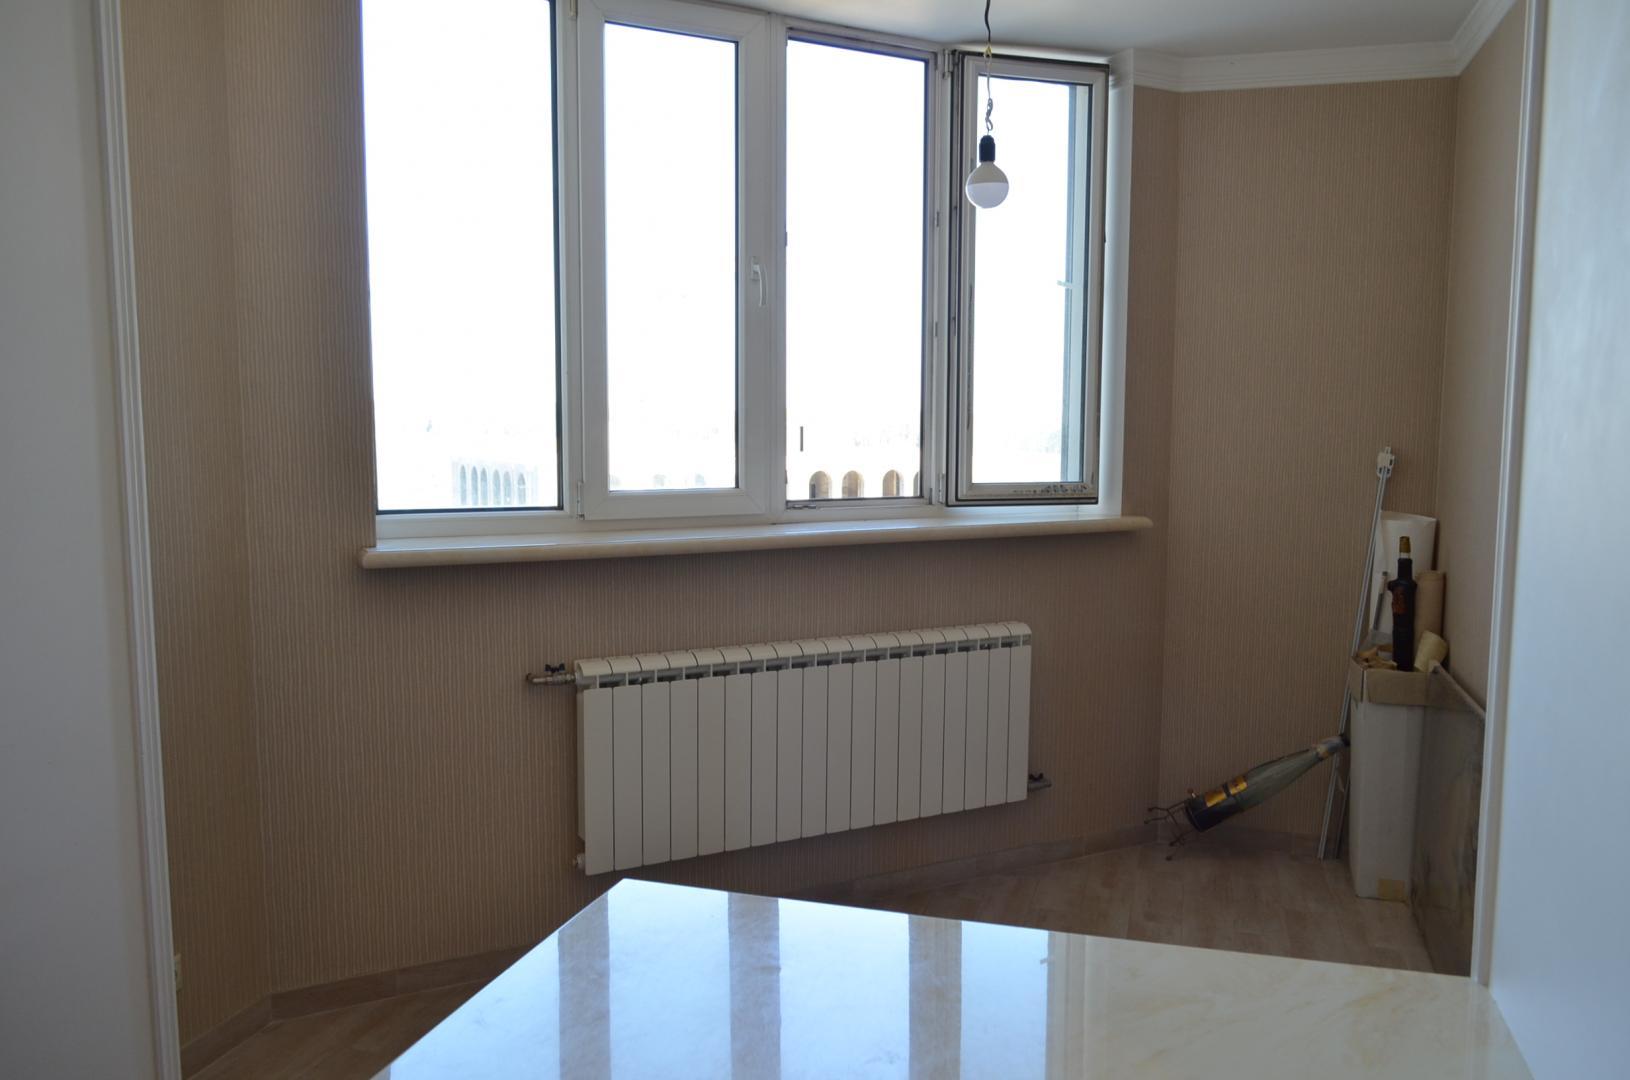 Квартира в аренду по адресу Россия, Московская область, городской округ Дзержинский, Дзержинский, Угрешская улица, 32